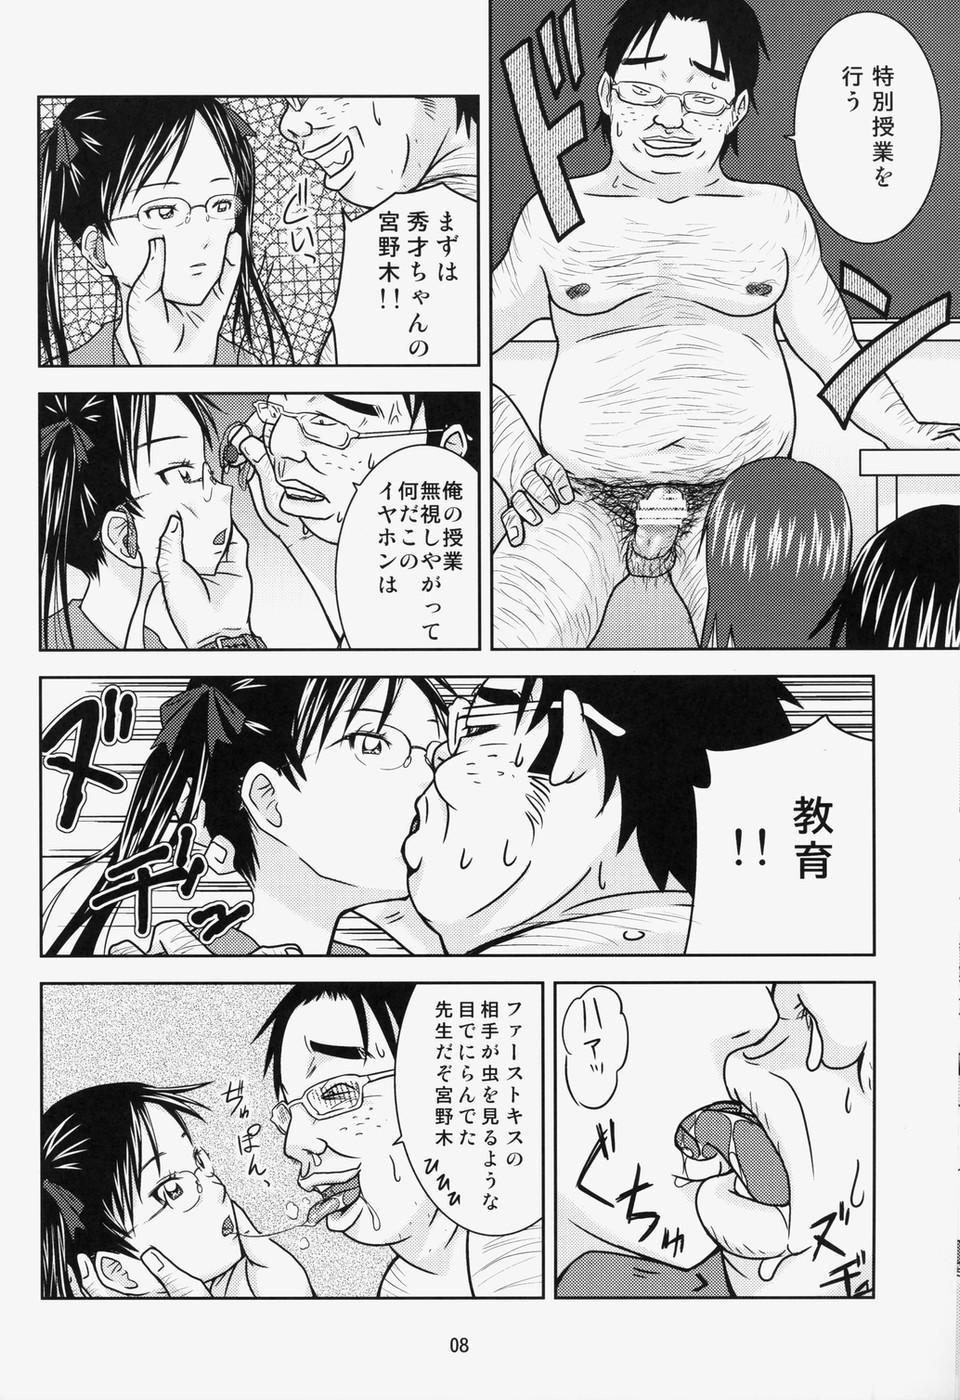 Moshimo Jikan ga Tomattara!? 2 Byou 6